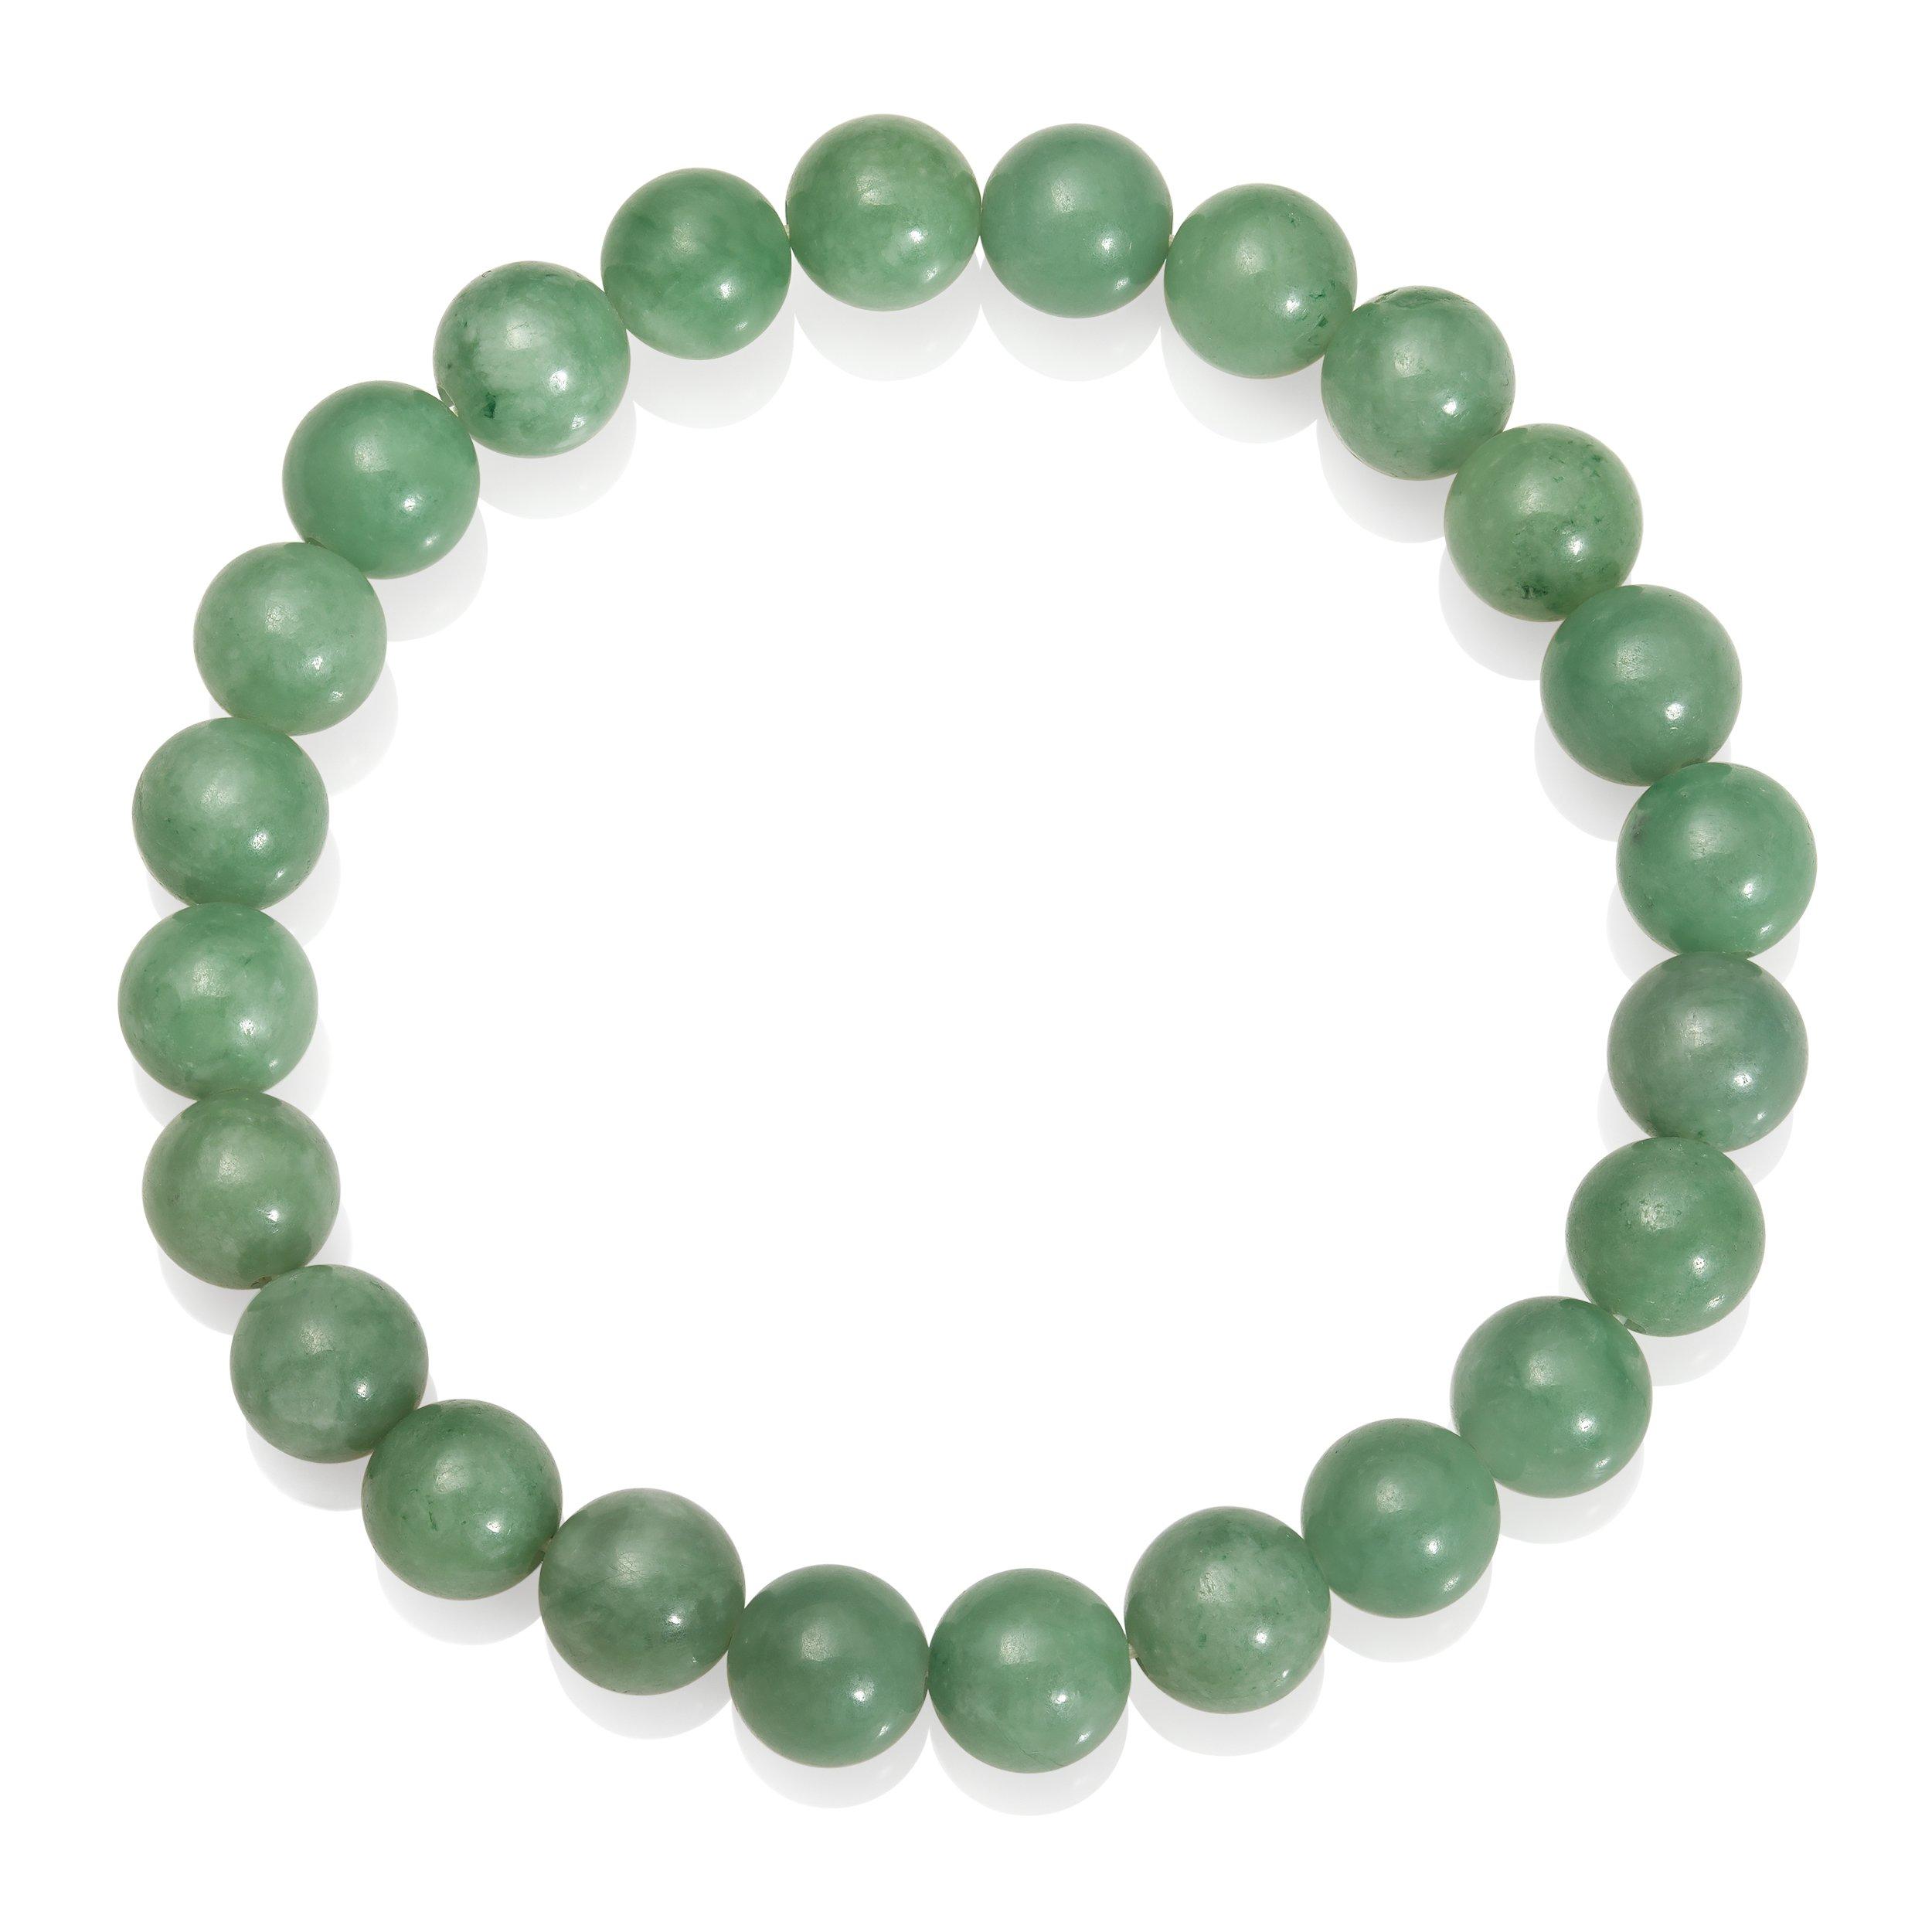 8mm Natural Jade Gemstone Stretch Bracelet, 7.5'' by Belacqua